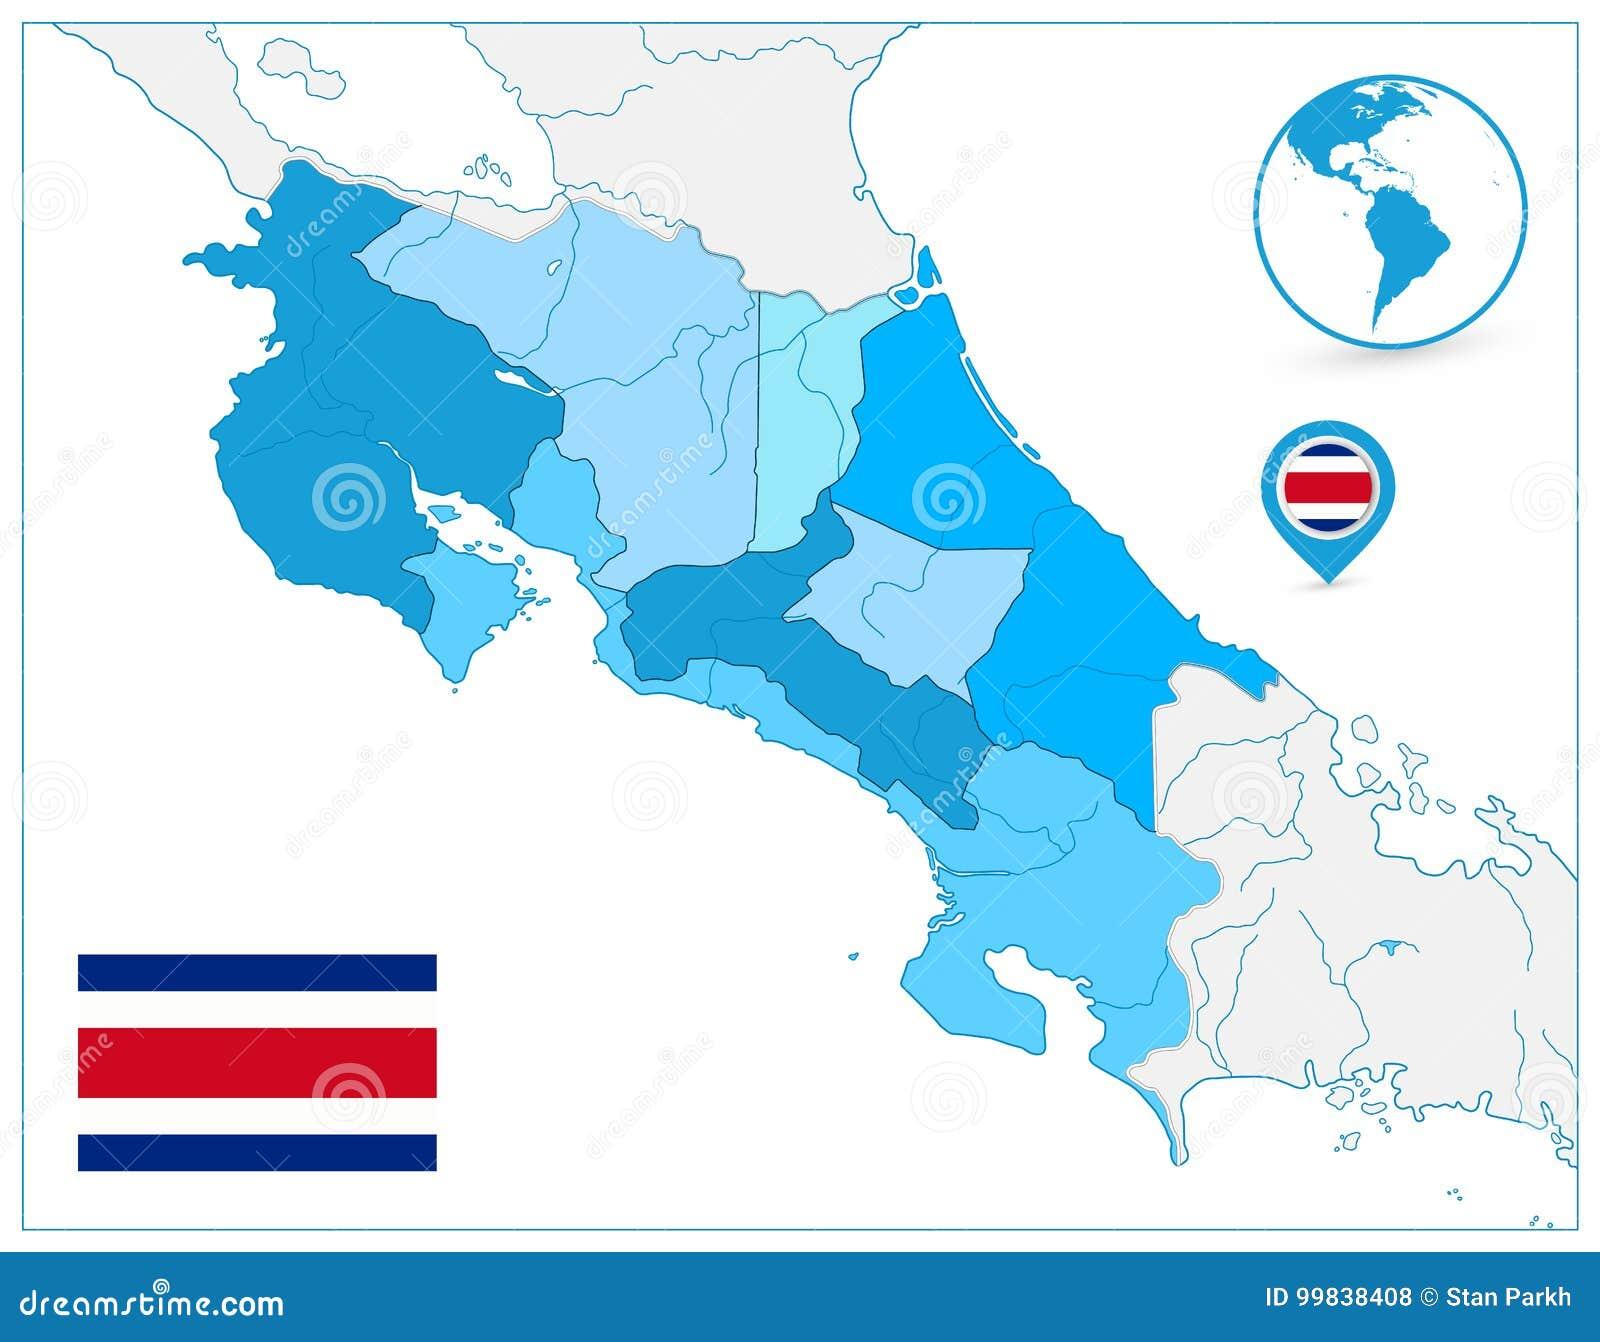 Costa Rica Map In Colors Of blått ingen text